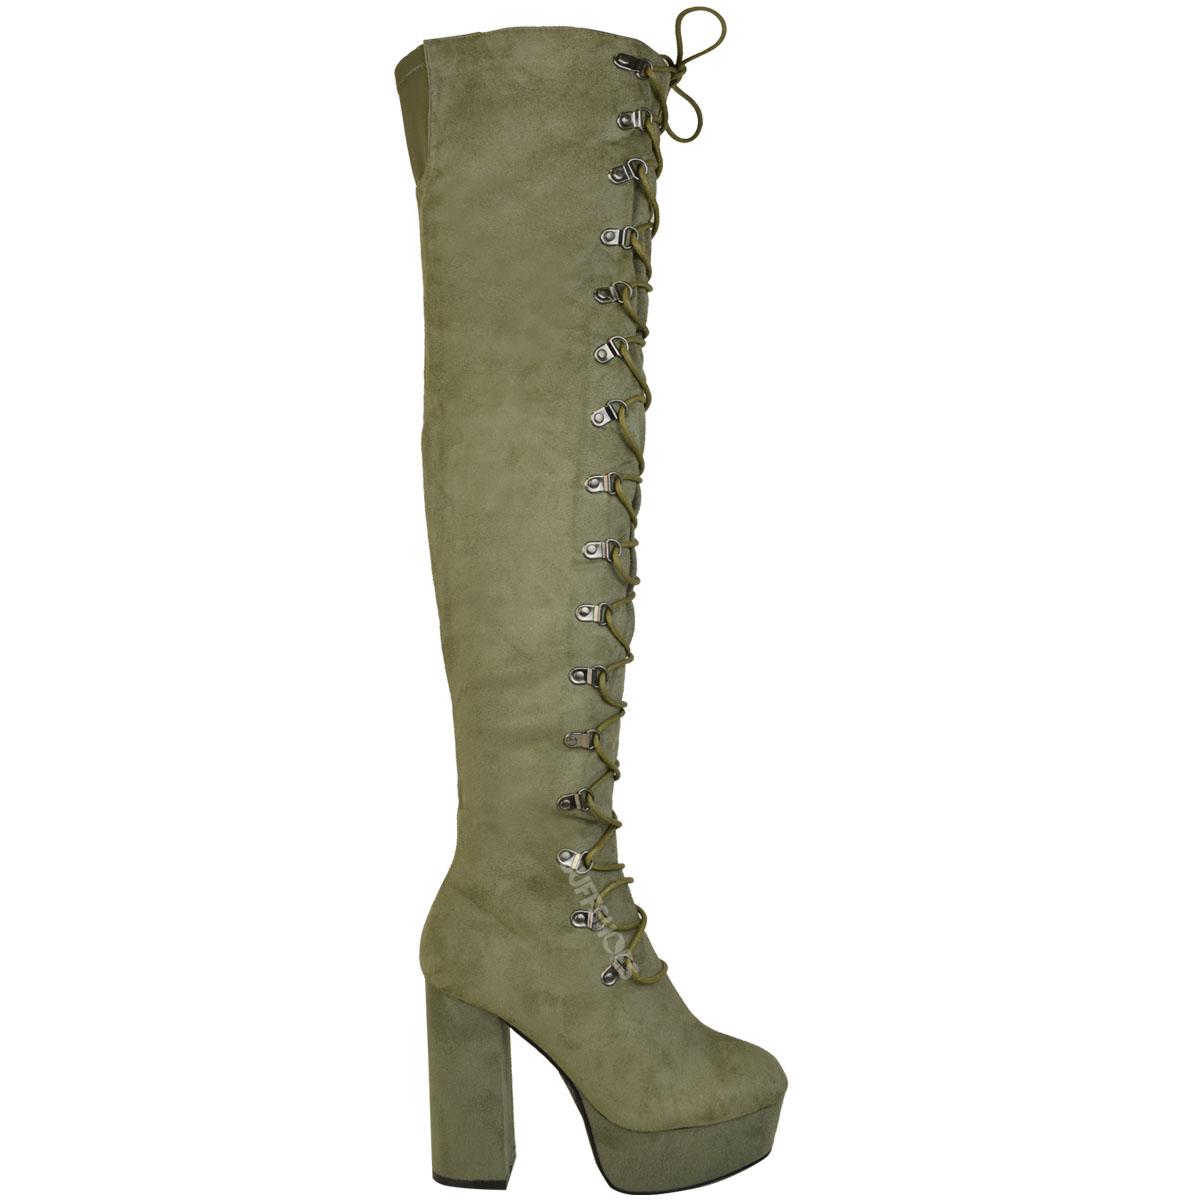 Chaussures femme bottes femmes cuisse haute au-dessus Du Genou Talon Aiguille Lace Up Chaussures Taille